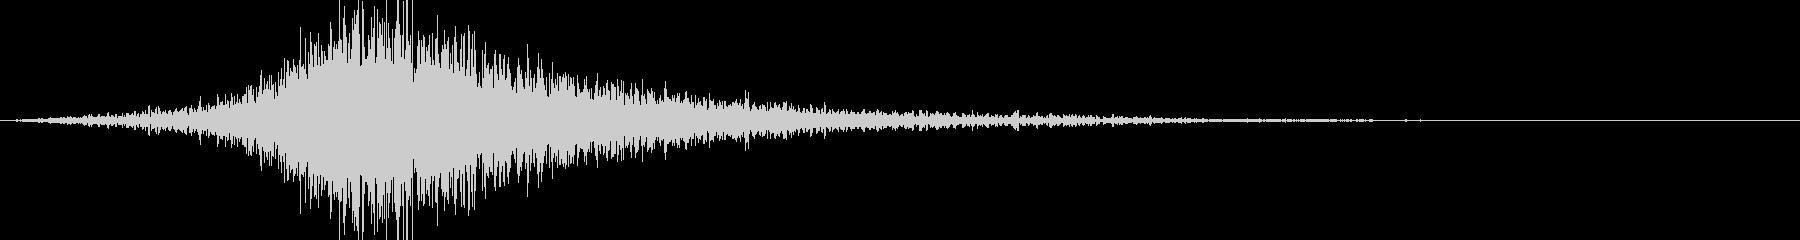 シュー:シーン別で場面転換(ホラー)の未再生の波形